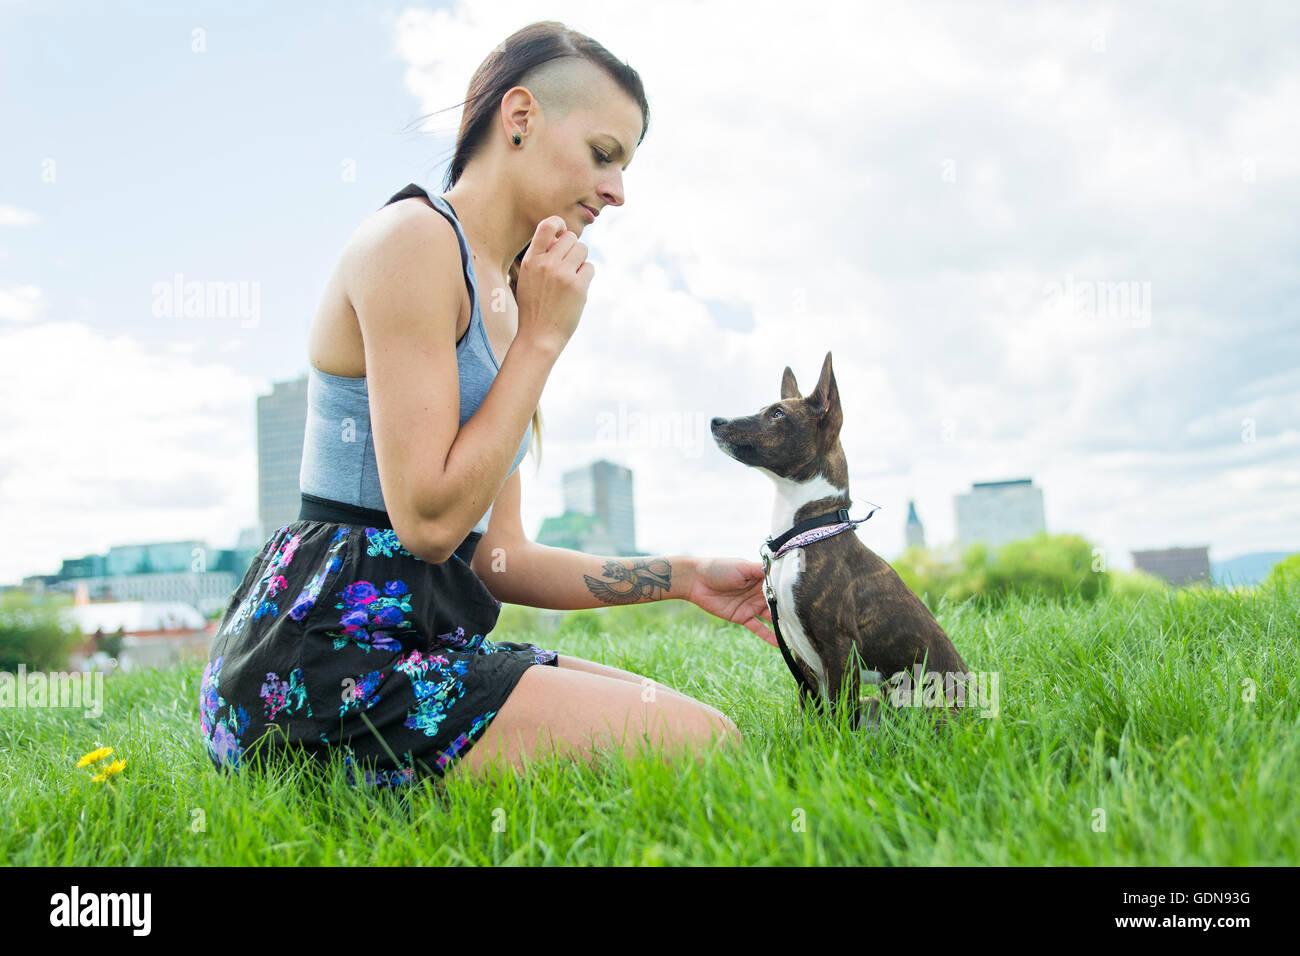 Chica con un perro en el parque Imagen De Stock